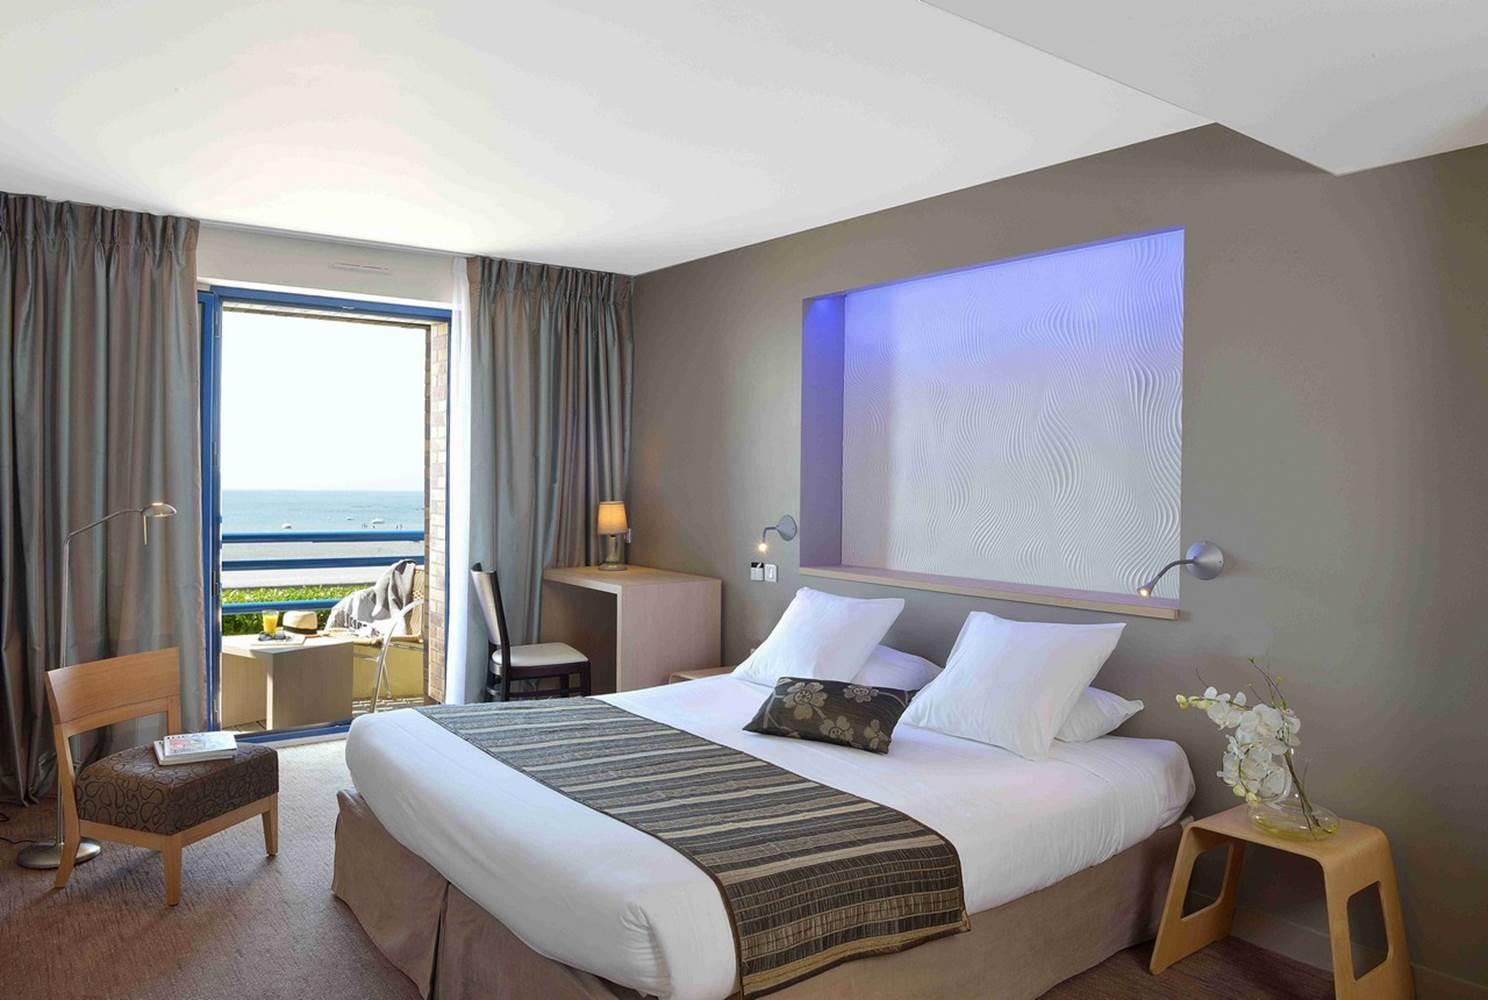 2ème chambre Hôtel de La Plage - Damgan Bretagne Sud © Hôtel de La Plage - Damgan Bretagne Sud